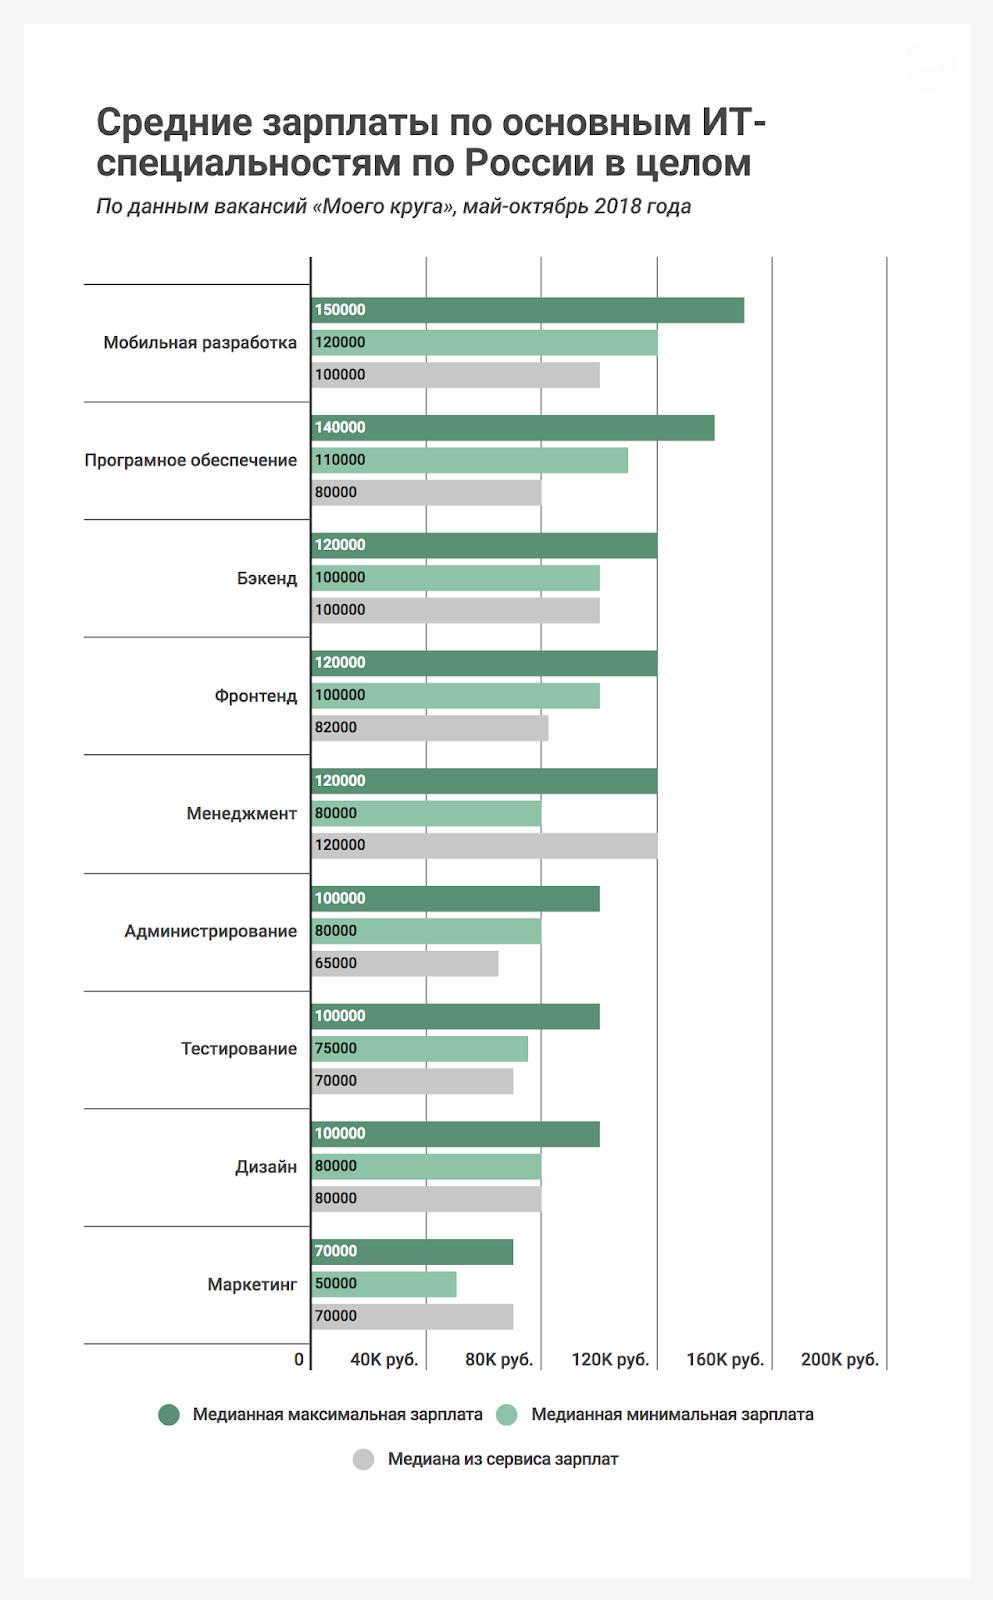 Какие зарплаты для IT-специалистов предлагают работодатели «Моего круга», данные за май-октябрь 2018 - 1